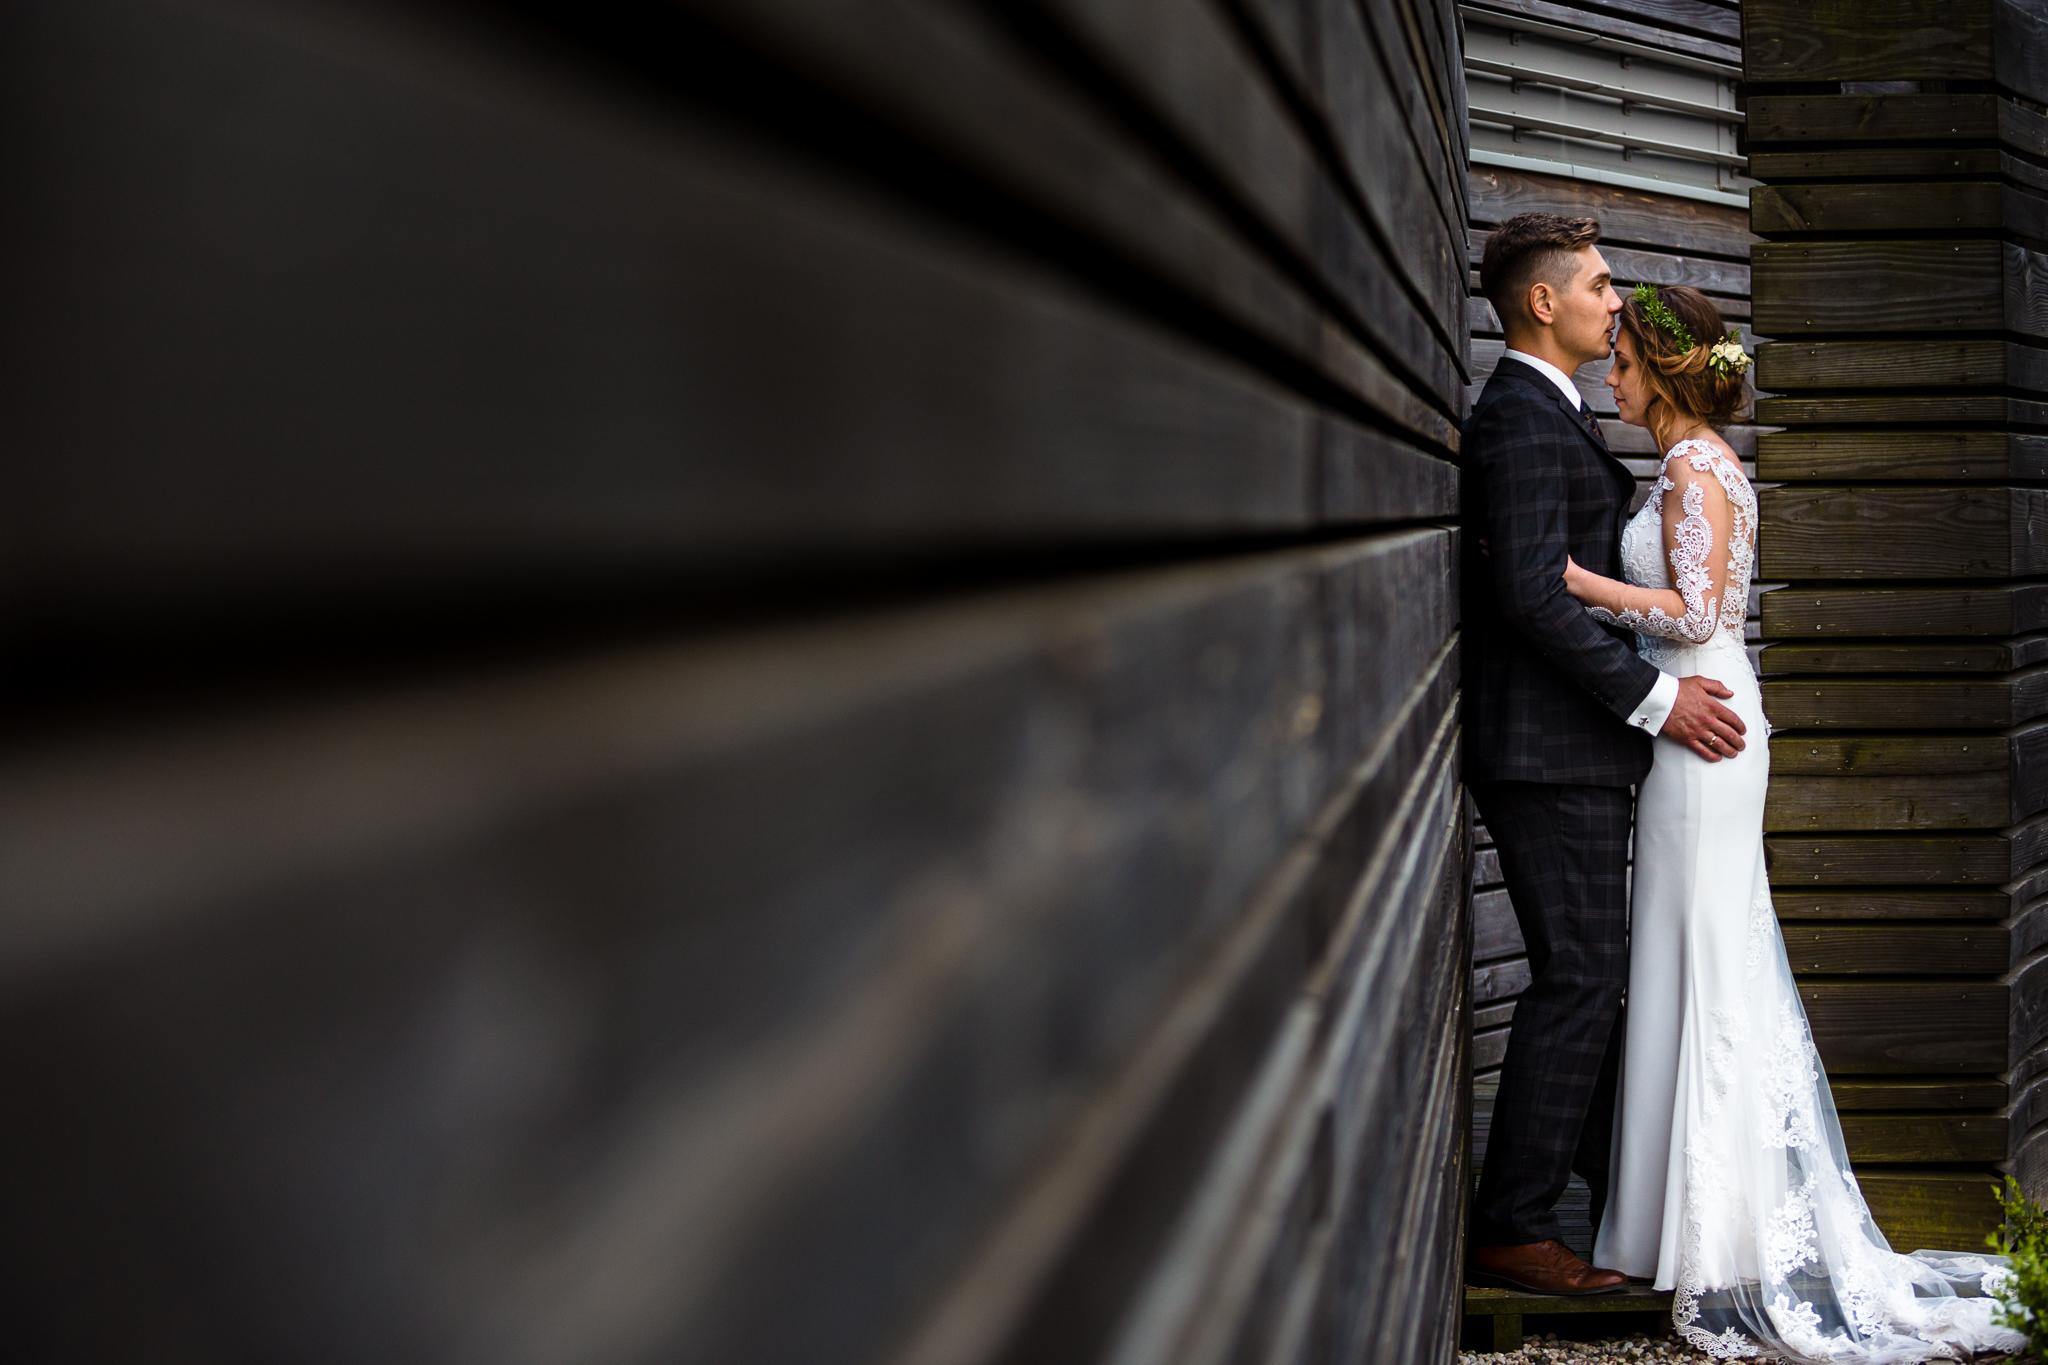 fotografia ślubna wymaga pomysłu i zobaczenia tego co dla innych niewidoczne